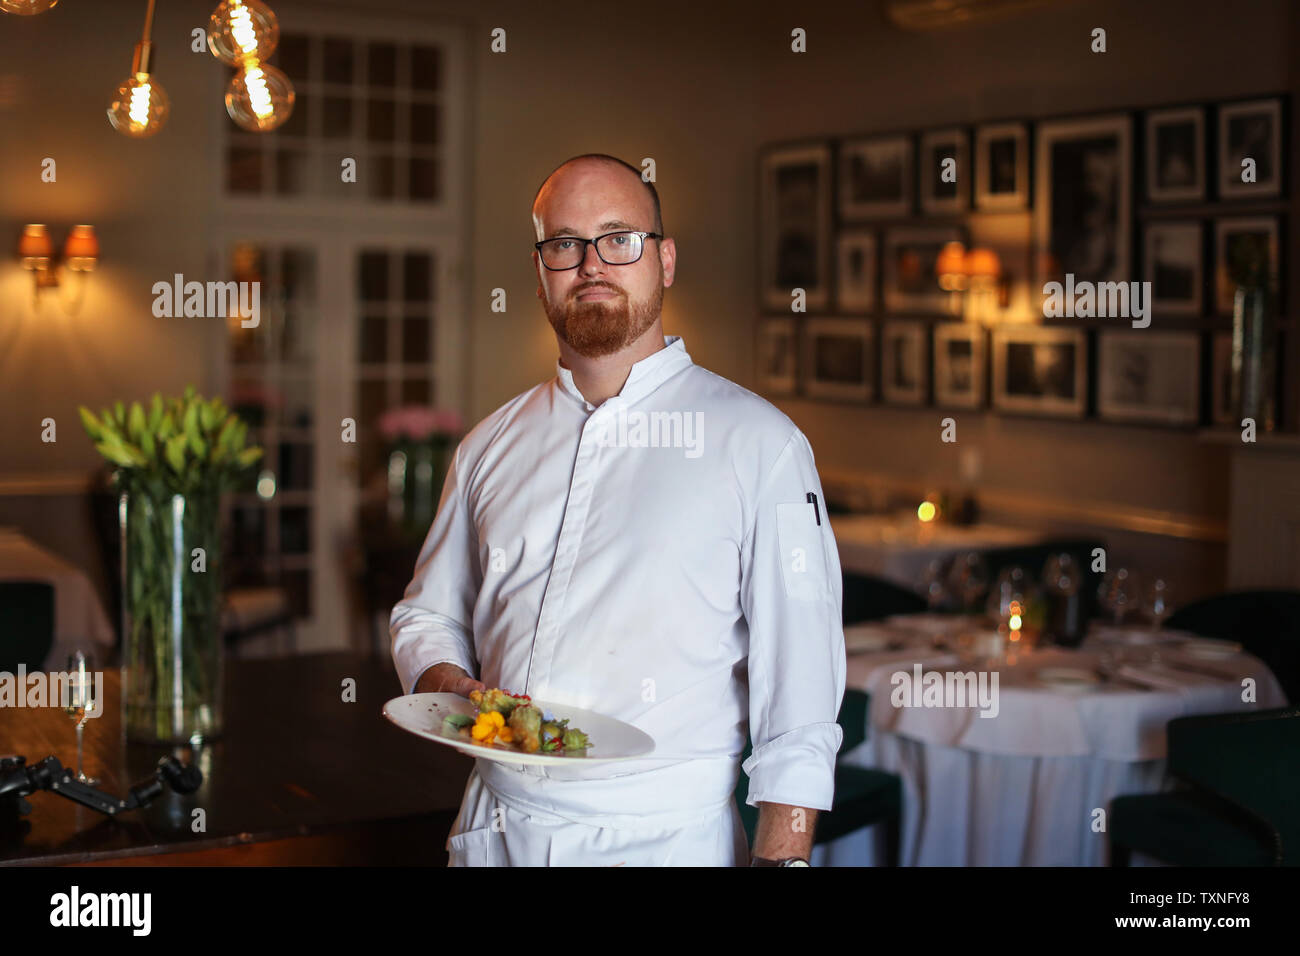 Chef con Exótico plato de ensalada de hojas y flores en restaurante. Foto de stock